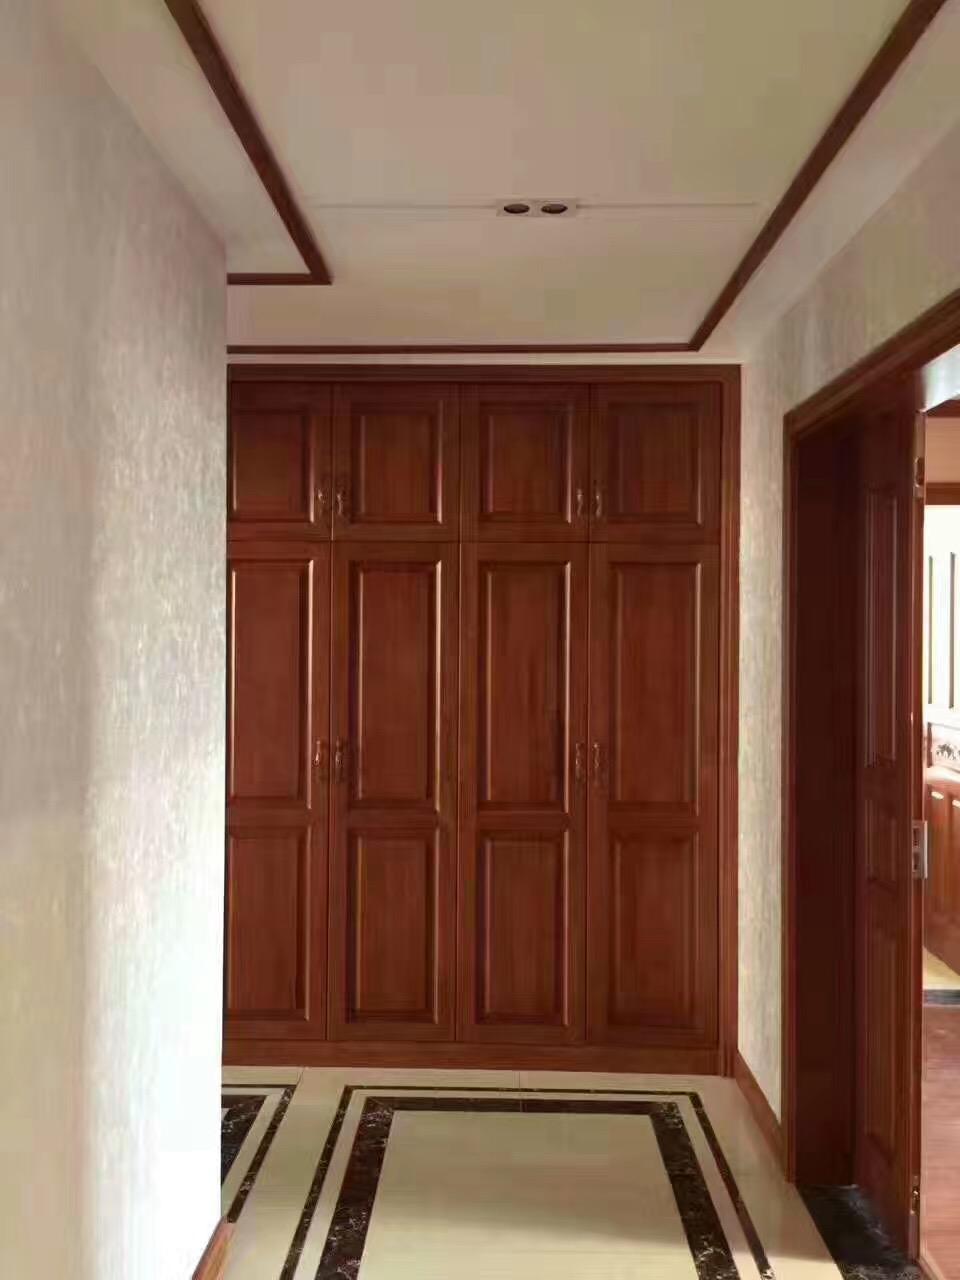 中式设计 中式装修 日升装饰 家具定制 其他图片来自装修设计芳芳在第四军医大木作的分享